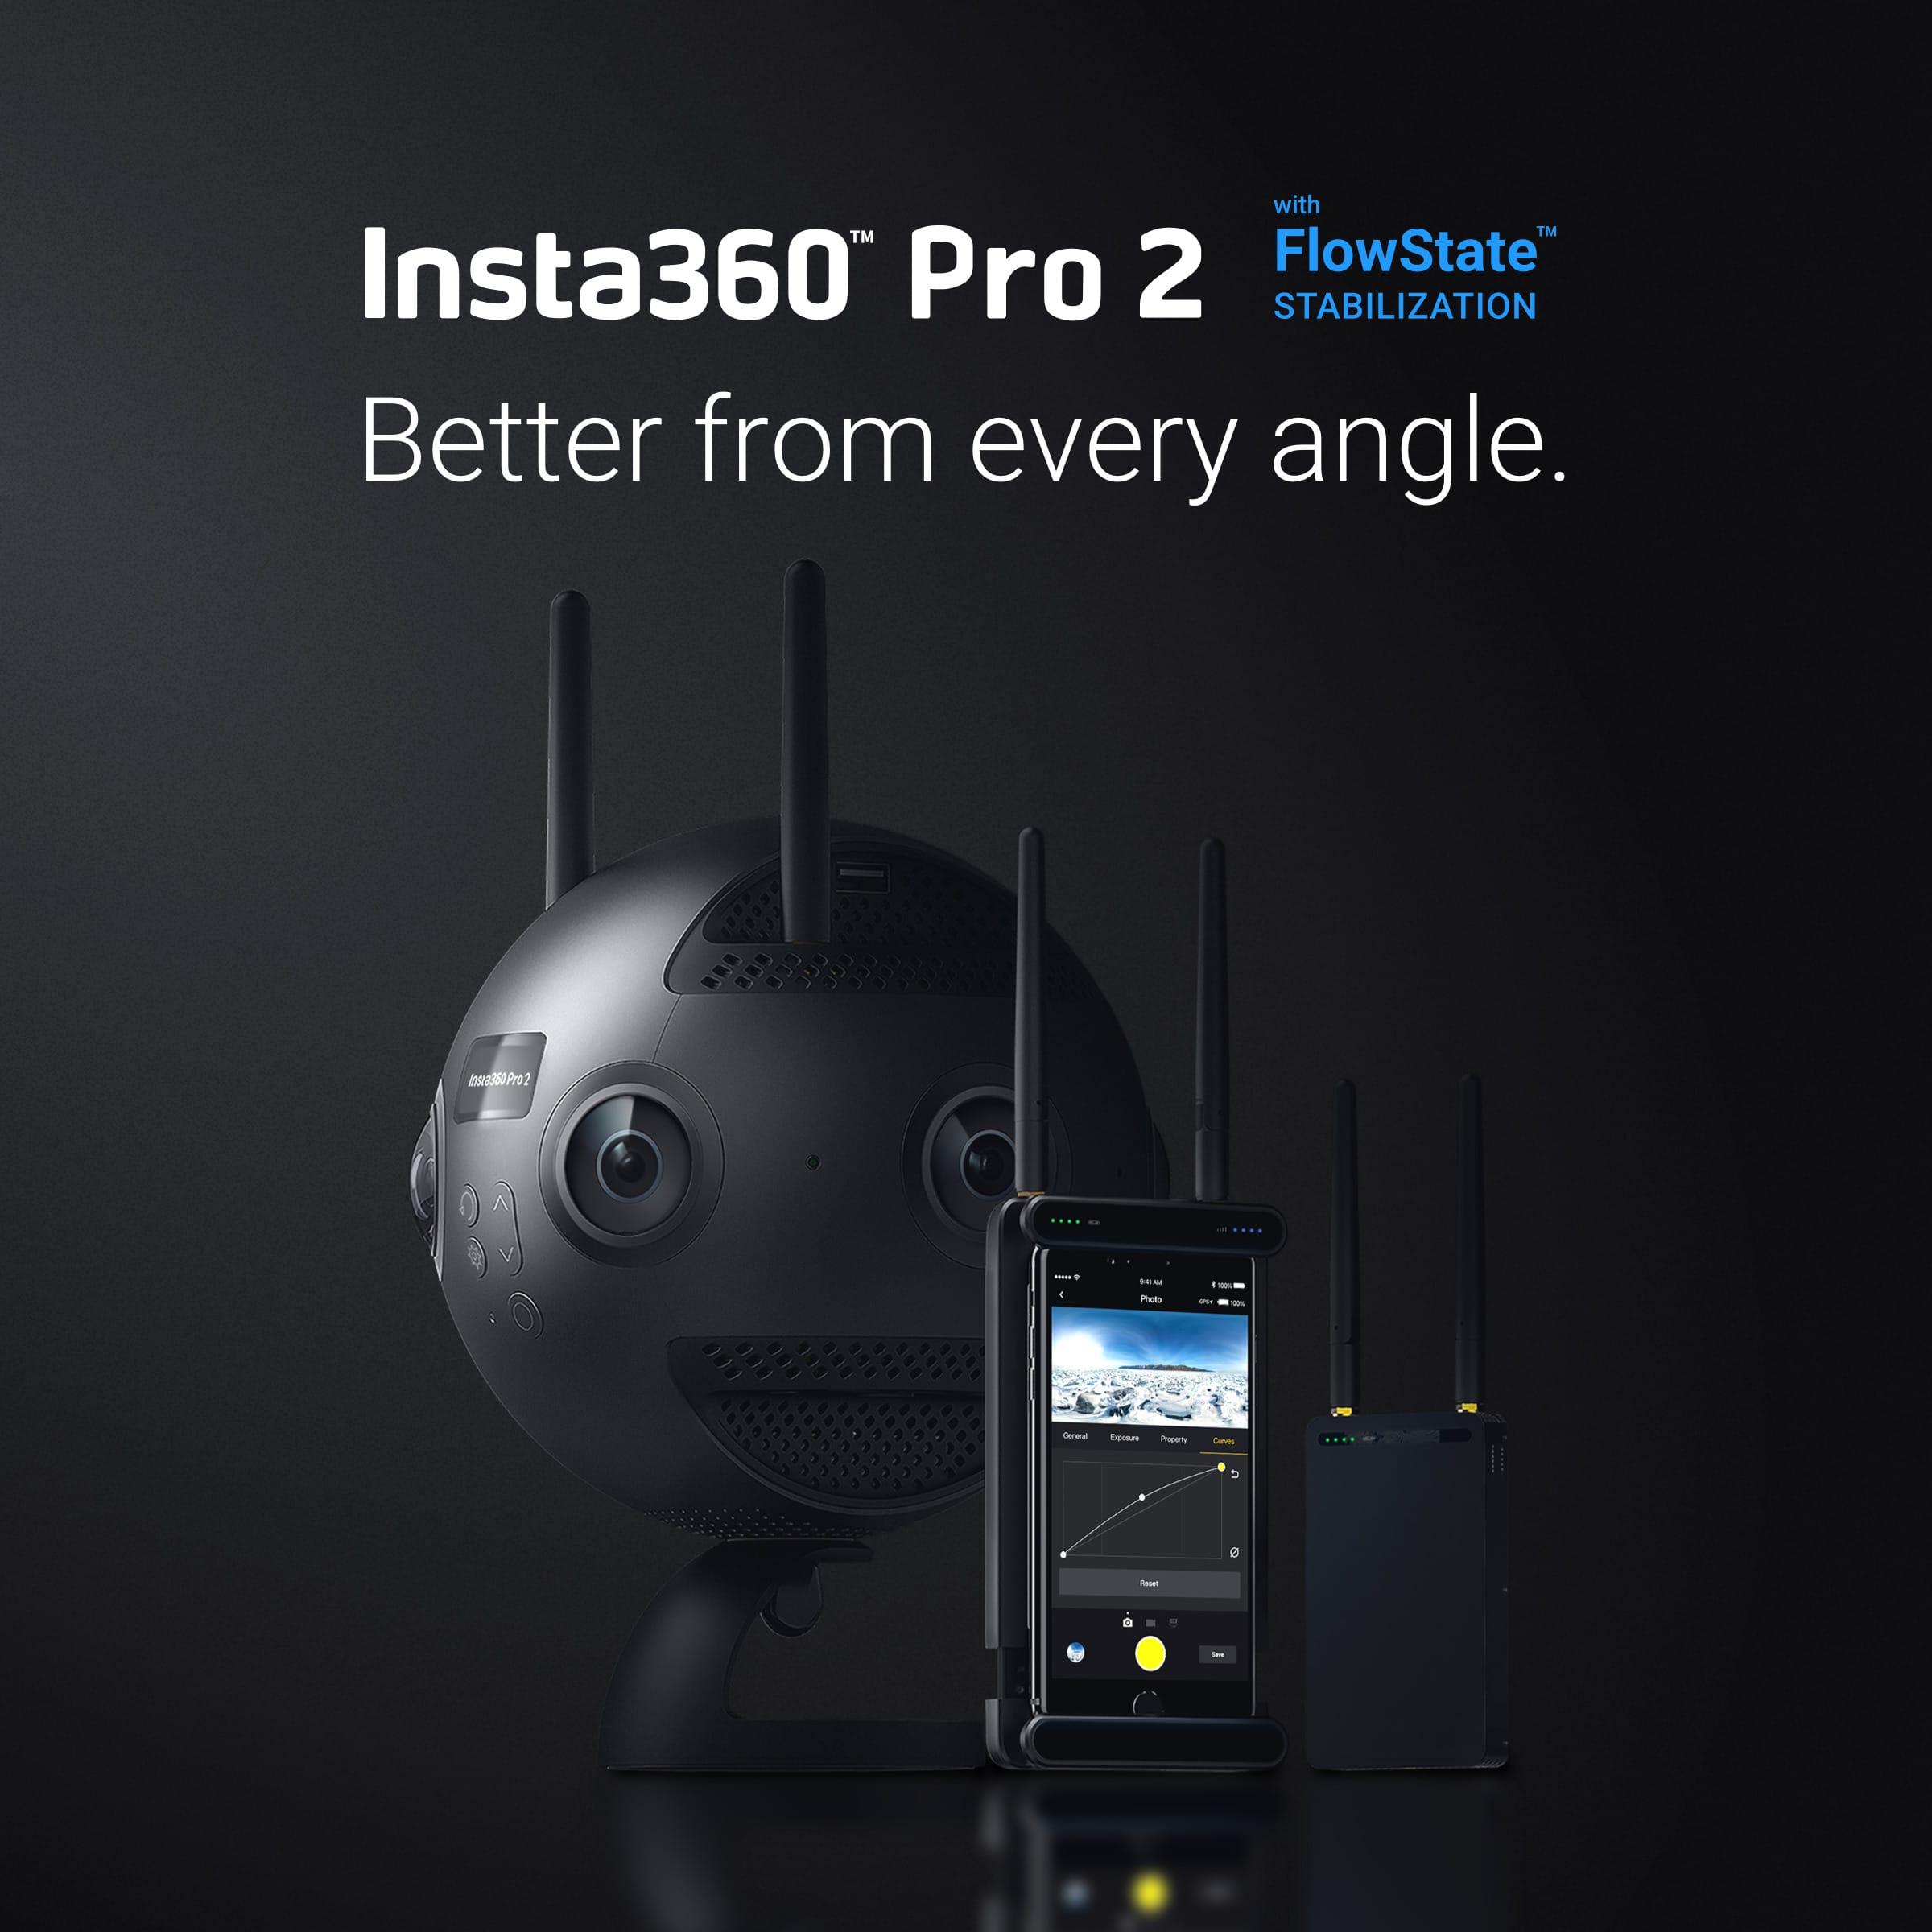 Insta360 Pro 2 Time Prod